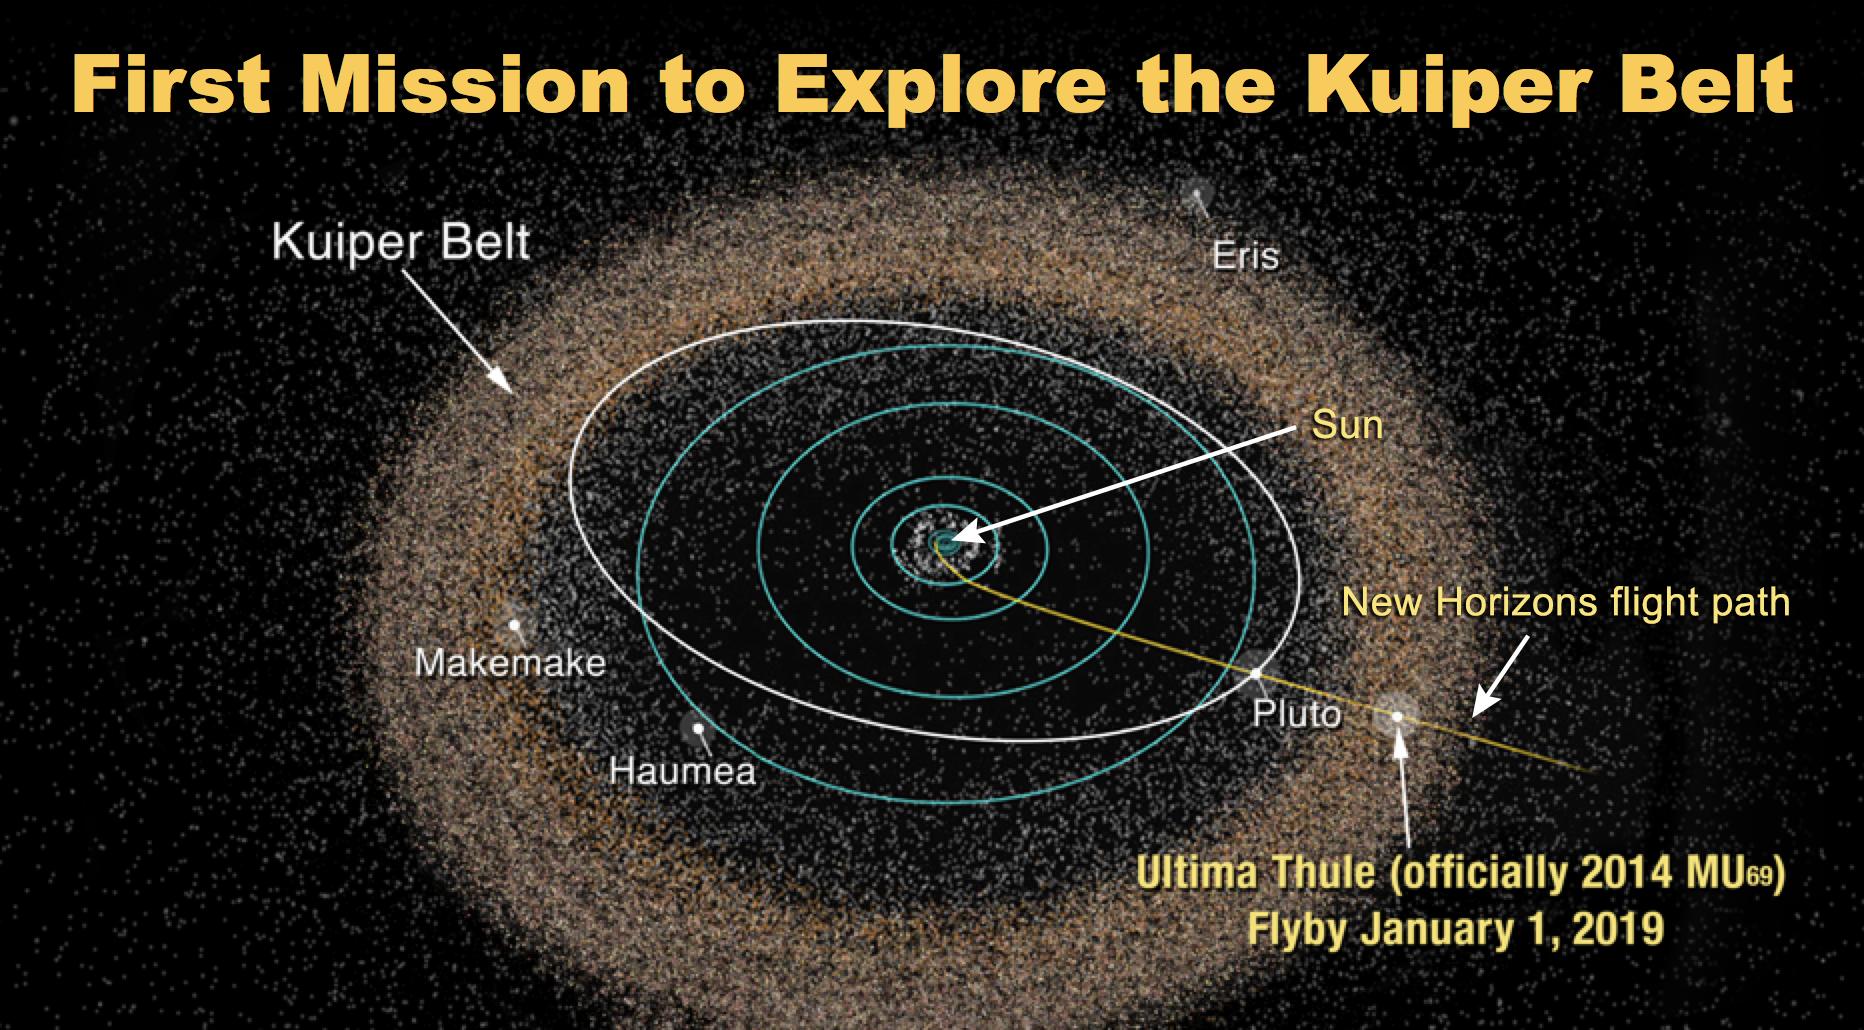 Vesmírná sonda New Horizons úspěšně proletěla kolem vzdálené planetky Ultima Thule